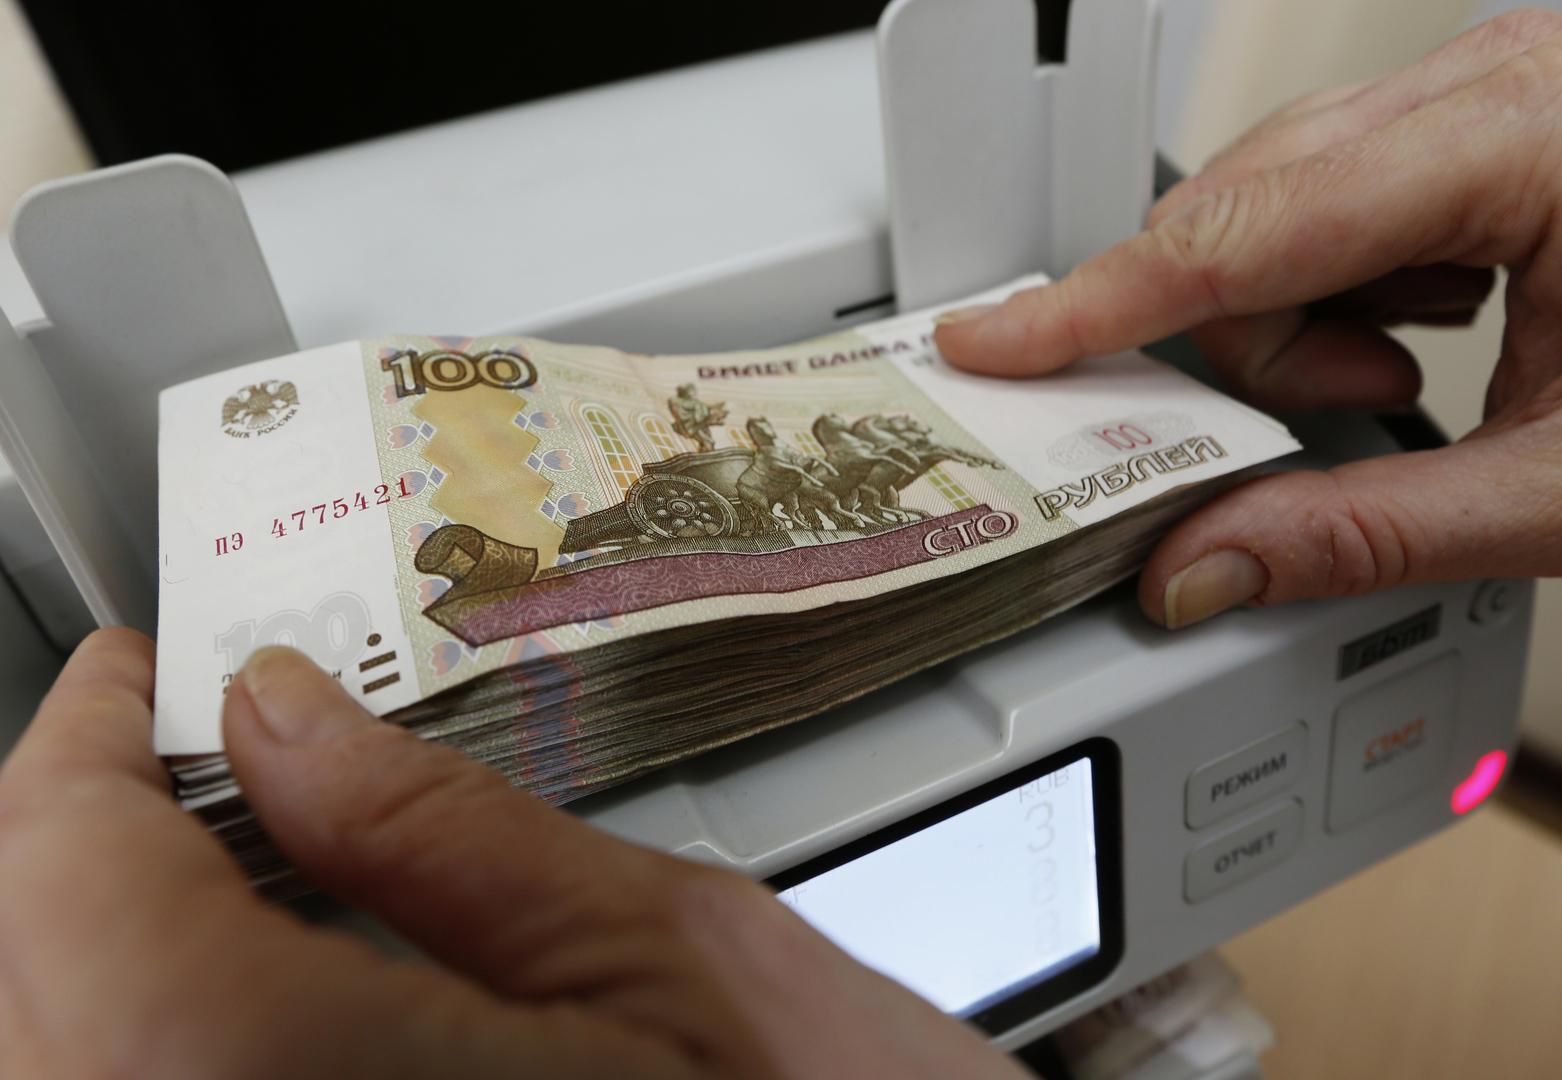 الصندوق الروسي للاستثمارات المباشرة يطلق بالتعاون مع شركات مشروعين في مجال المدفوعات والتمويل